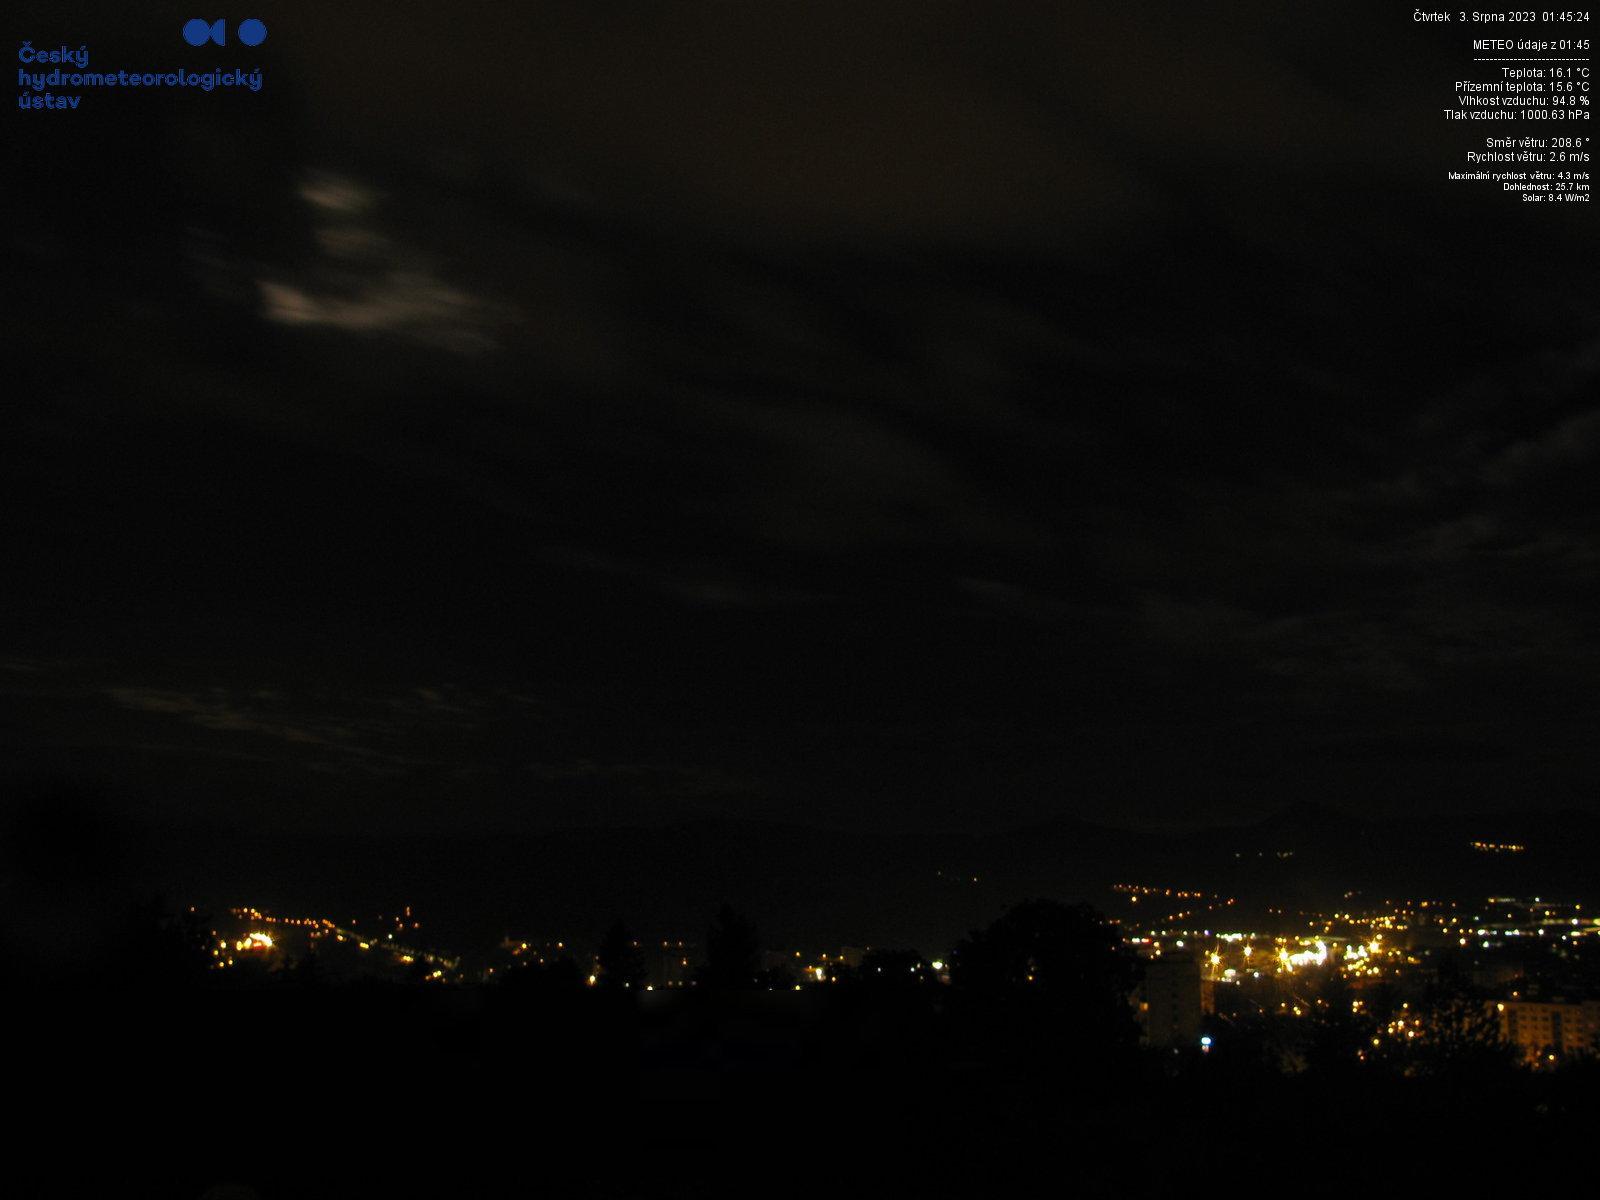 Webcam - Ústí nad Labem